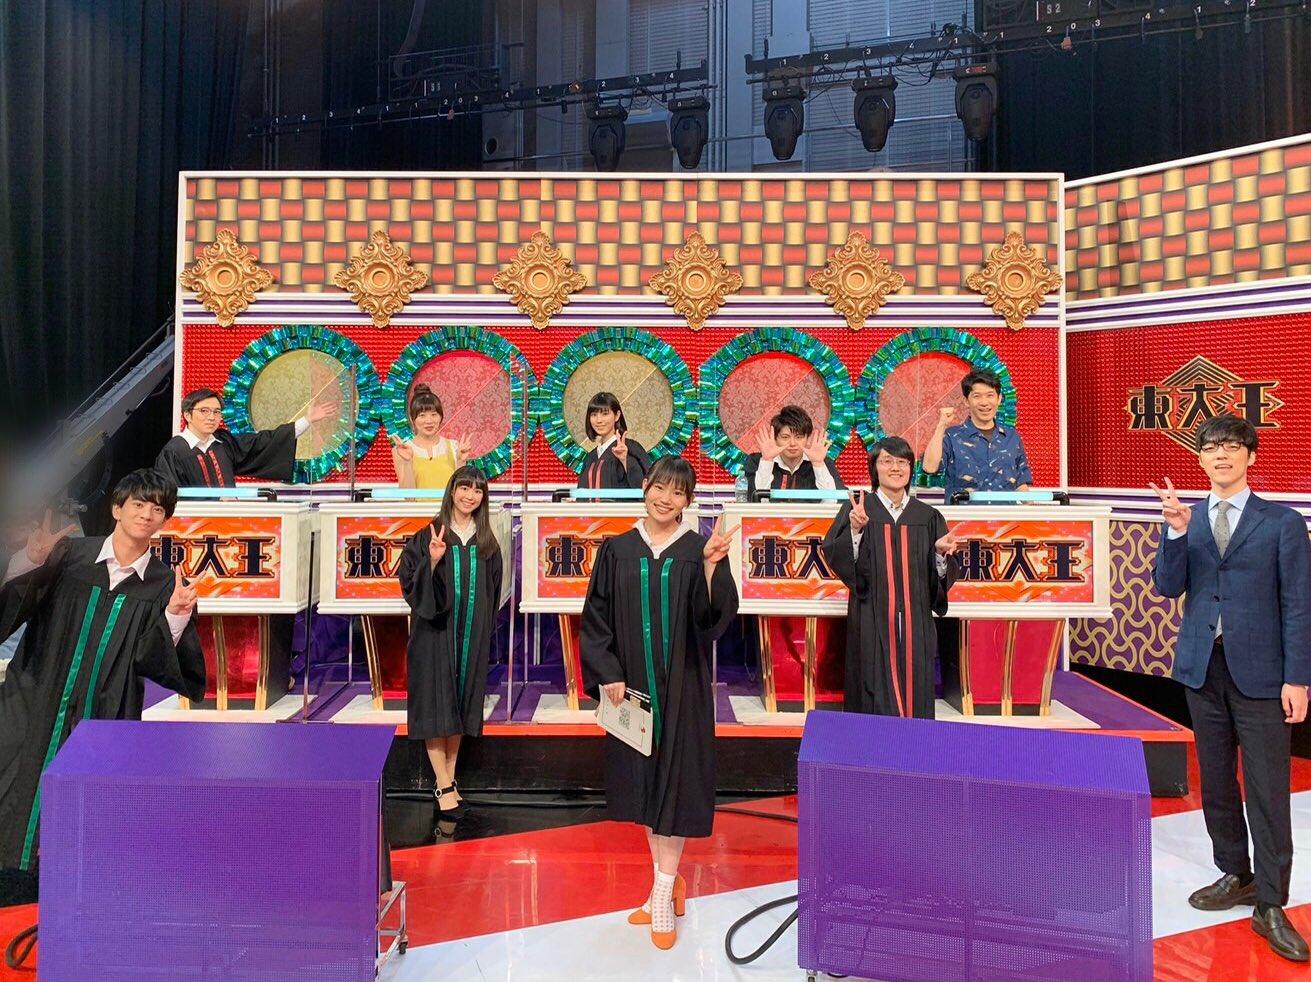 『東大王』2連勝に立ちはだかる富永&オセ朗太!「こっから見せましょう大逆転を」